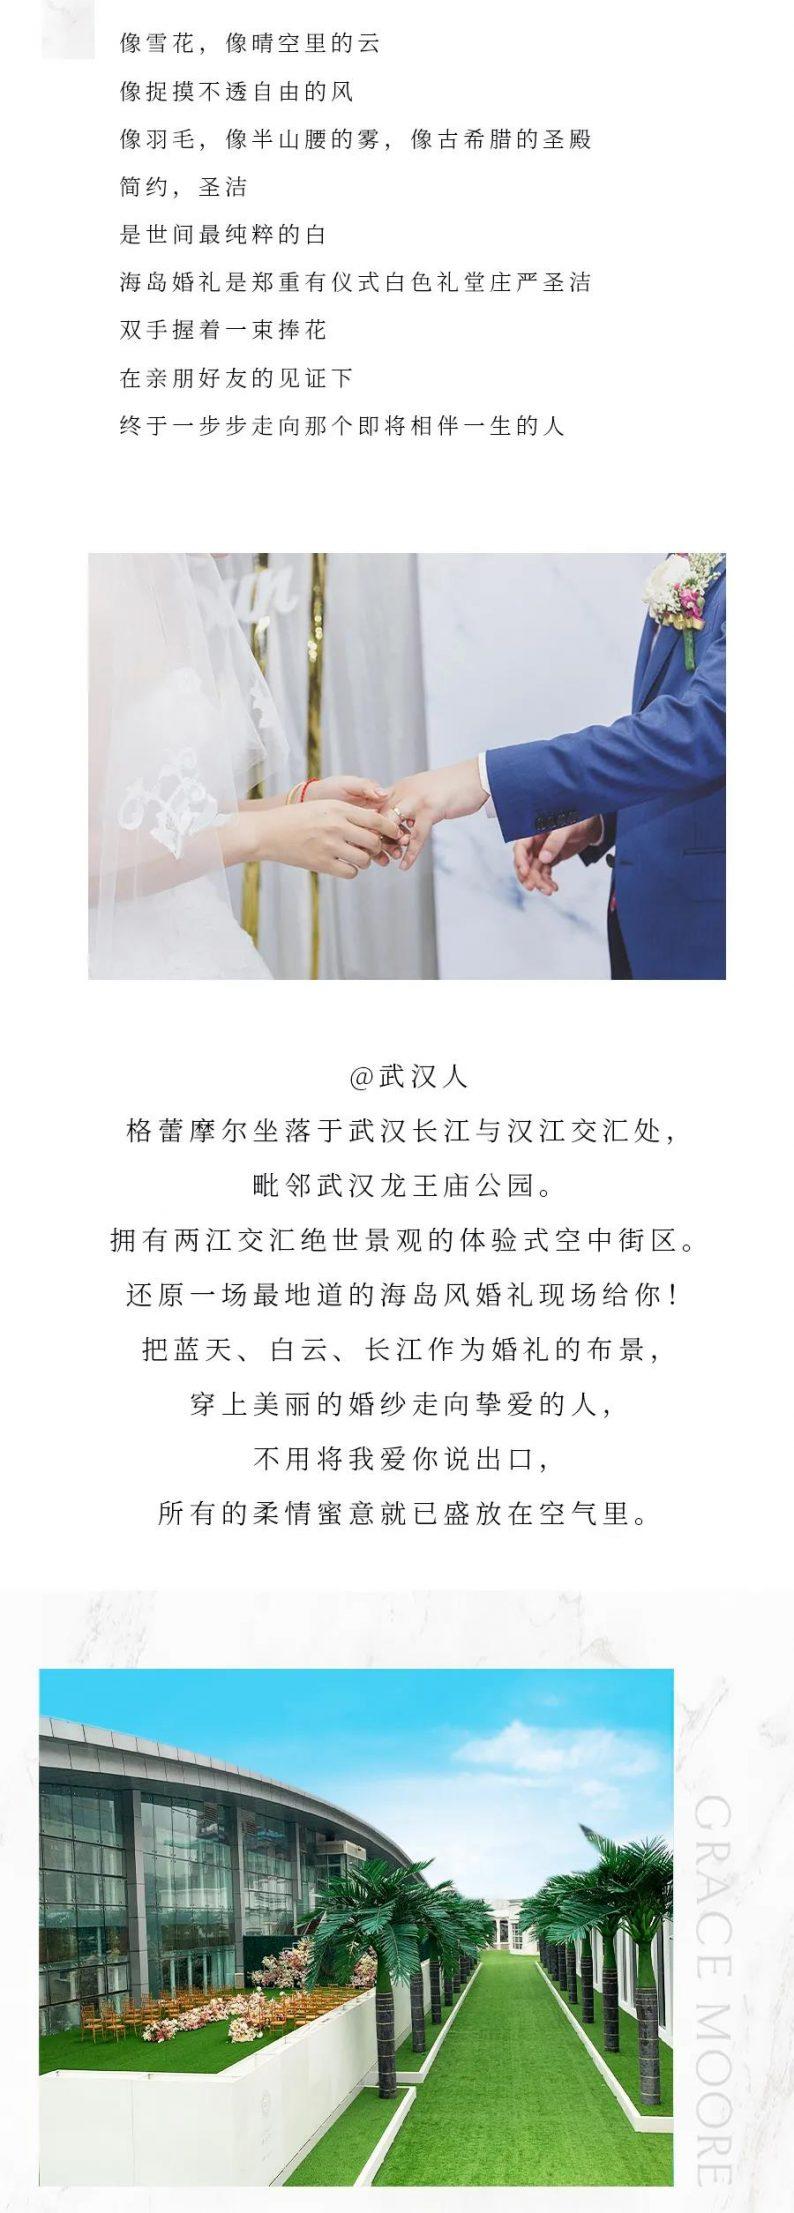 婚礼堂发布:3.2万平米!武汉首家一站式婚宴中心  第16张